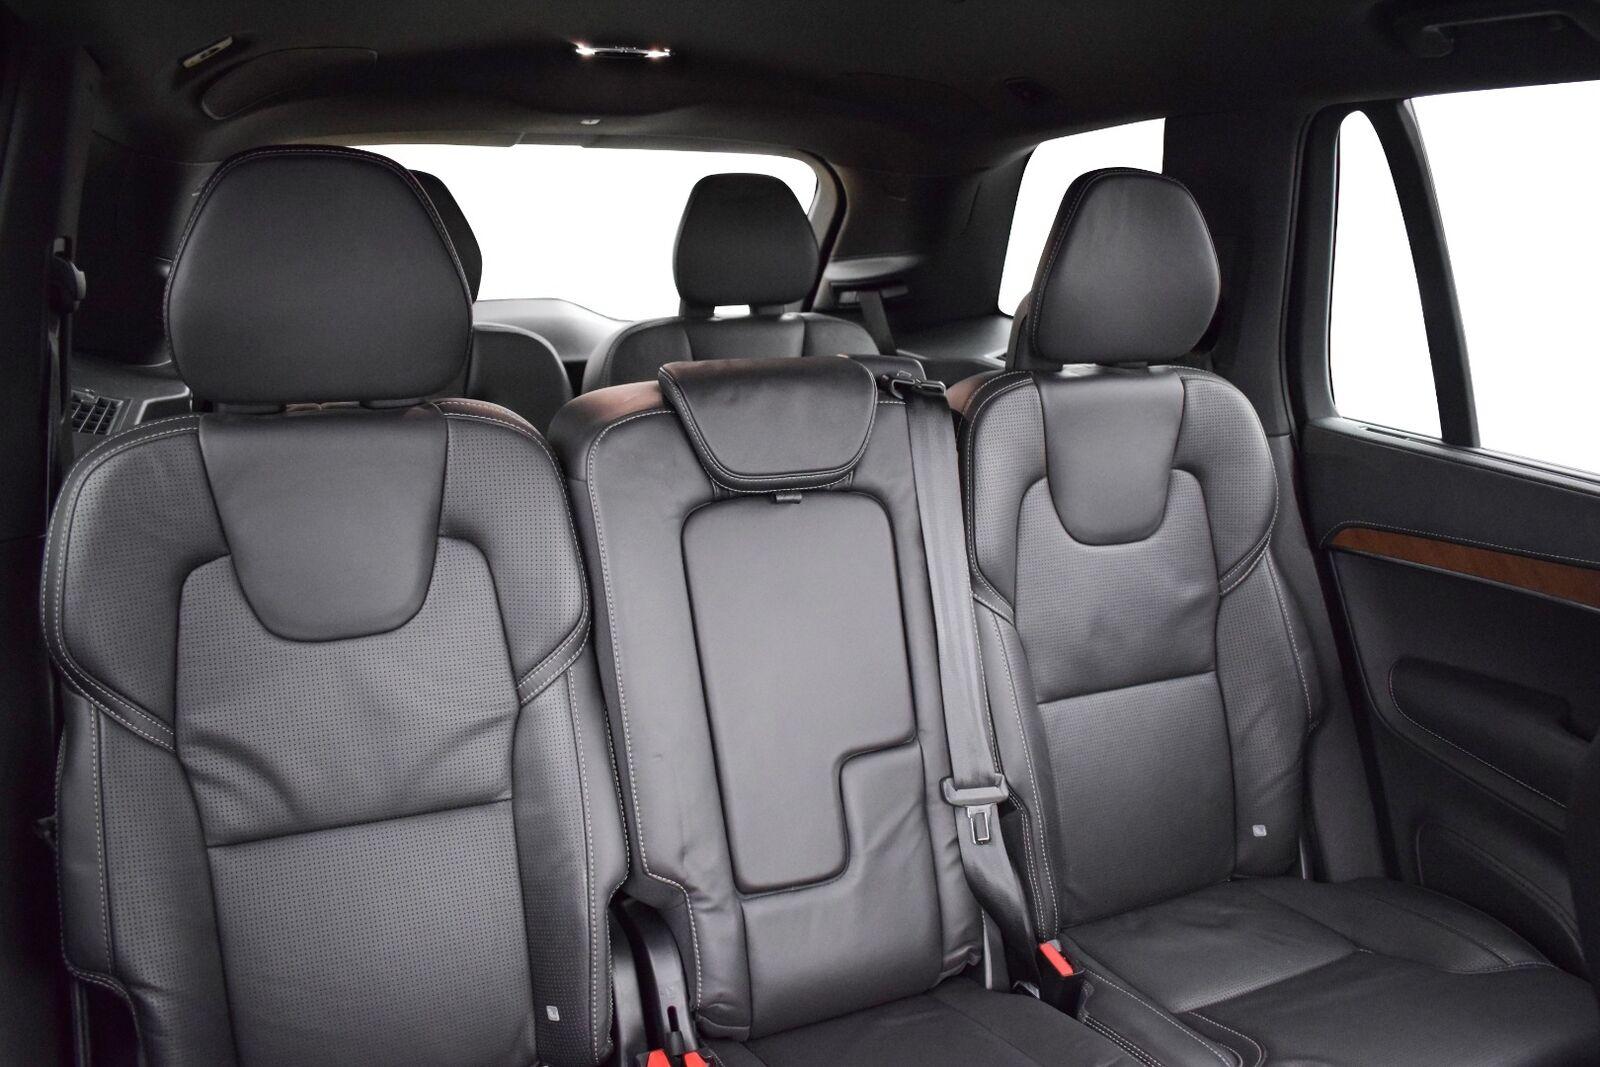 Volvo XC90 2,0 D5 235 Inscription aut. AWD 7p - billede 8